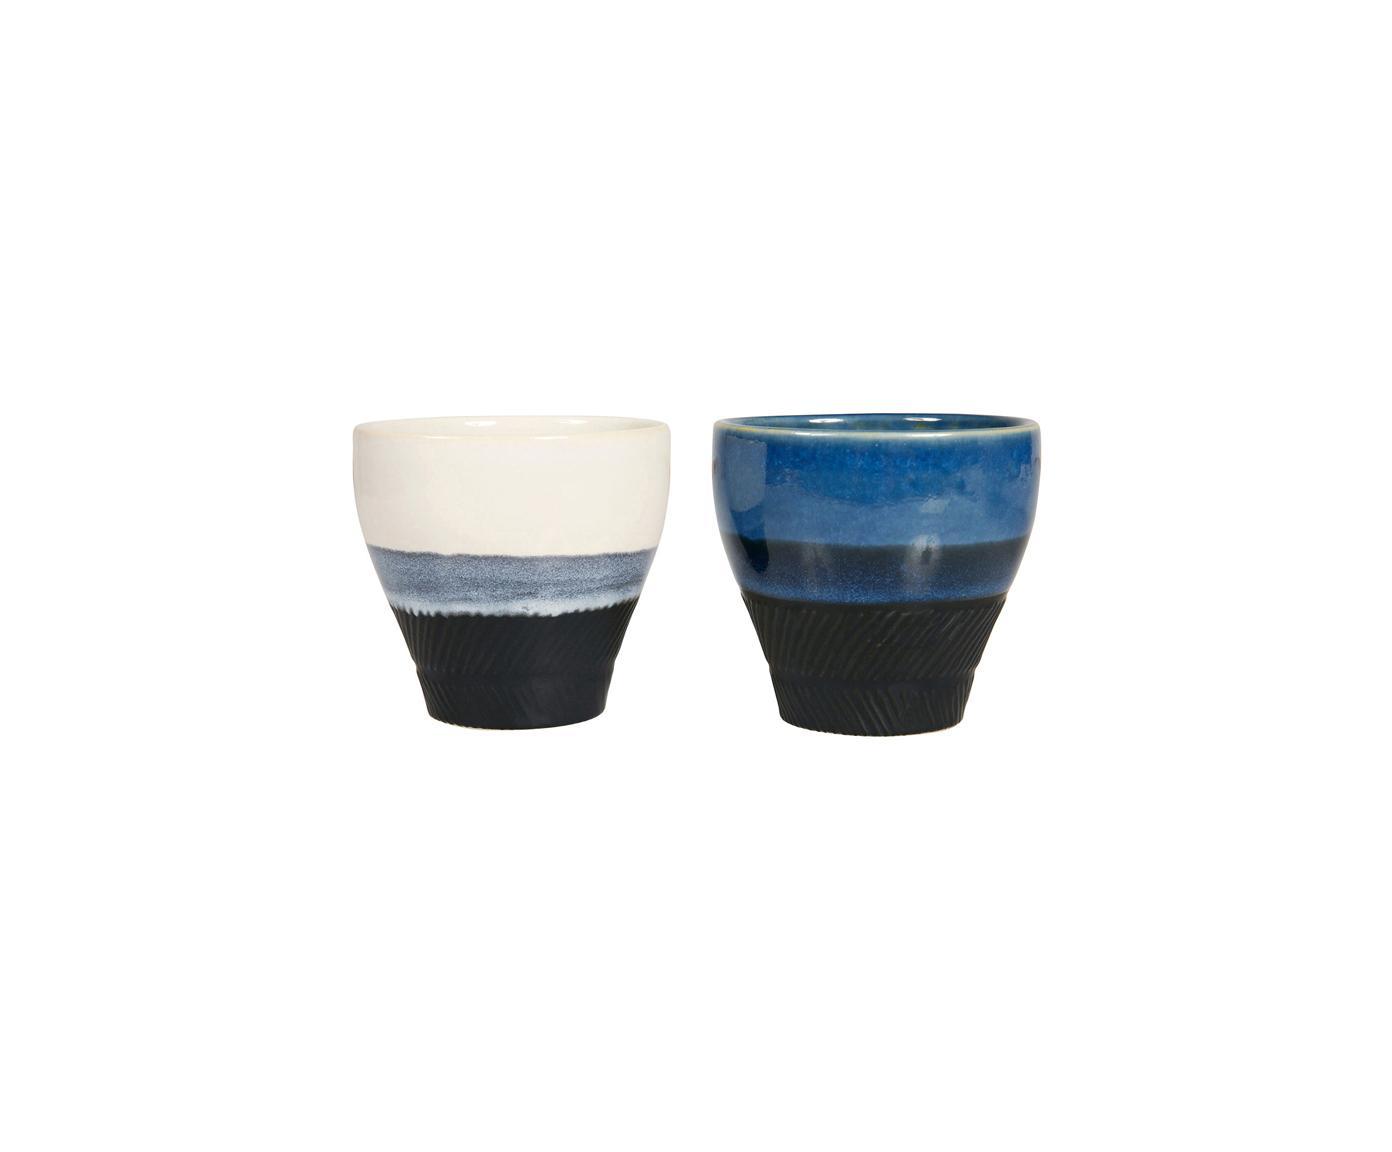 XS Becher Ekume, 4er-Set, Steingut, Blau, Weiß, Schwarz, Ø 8 x H 8 cm